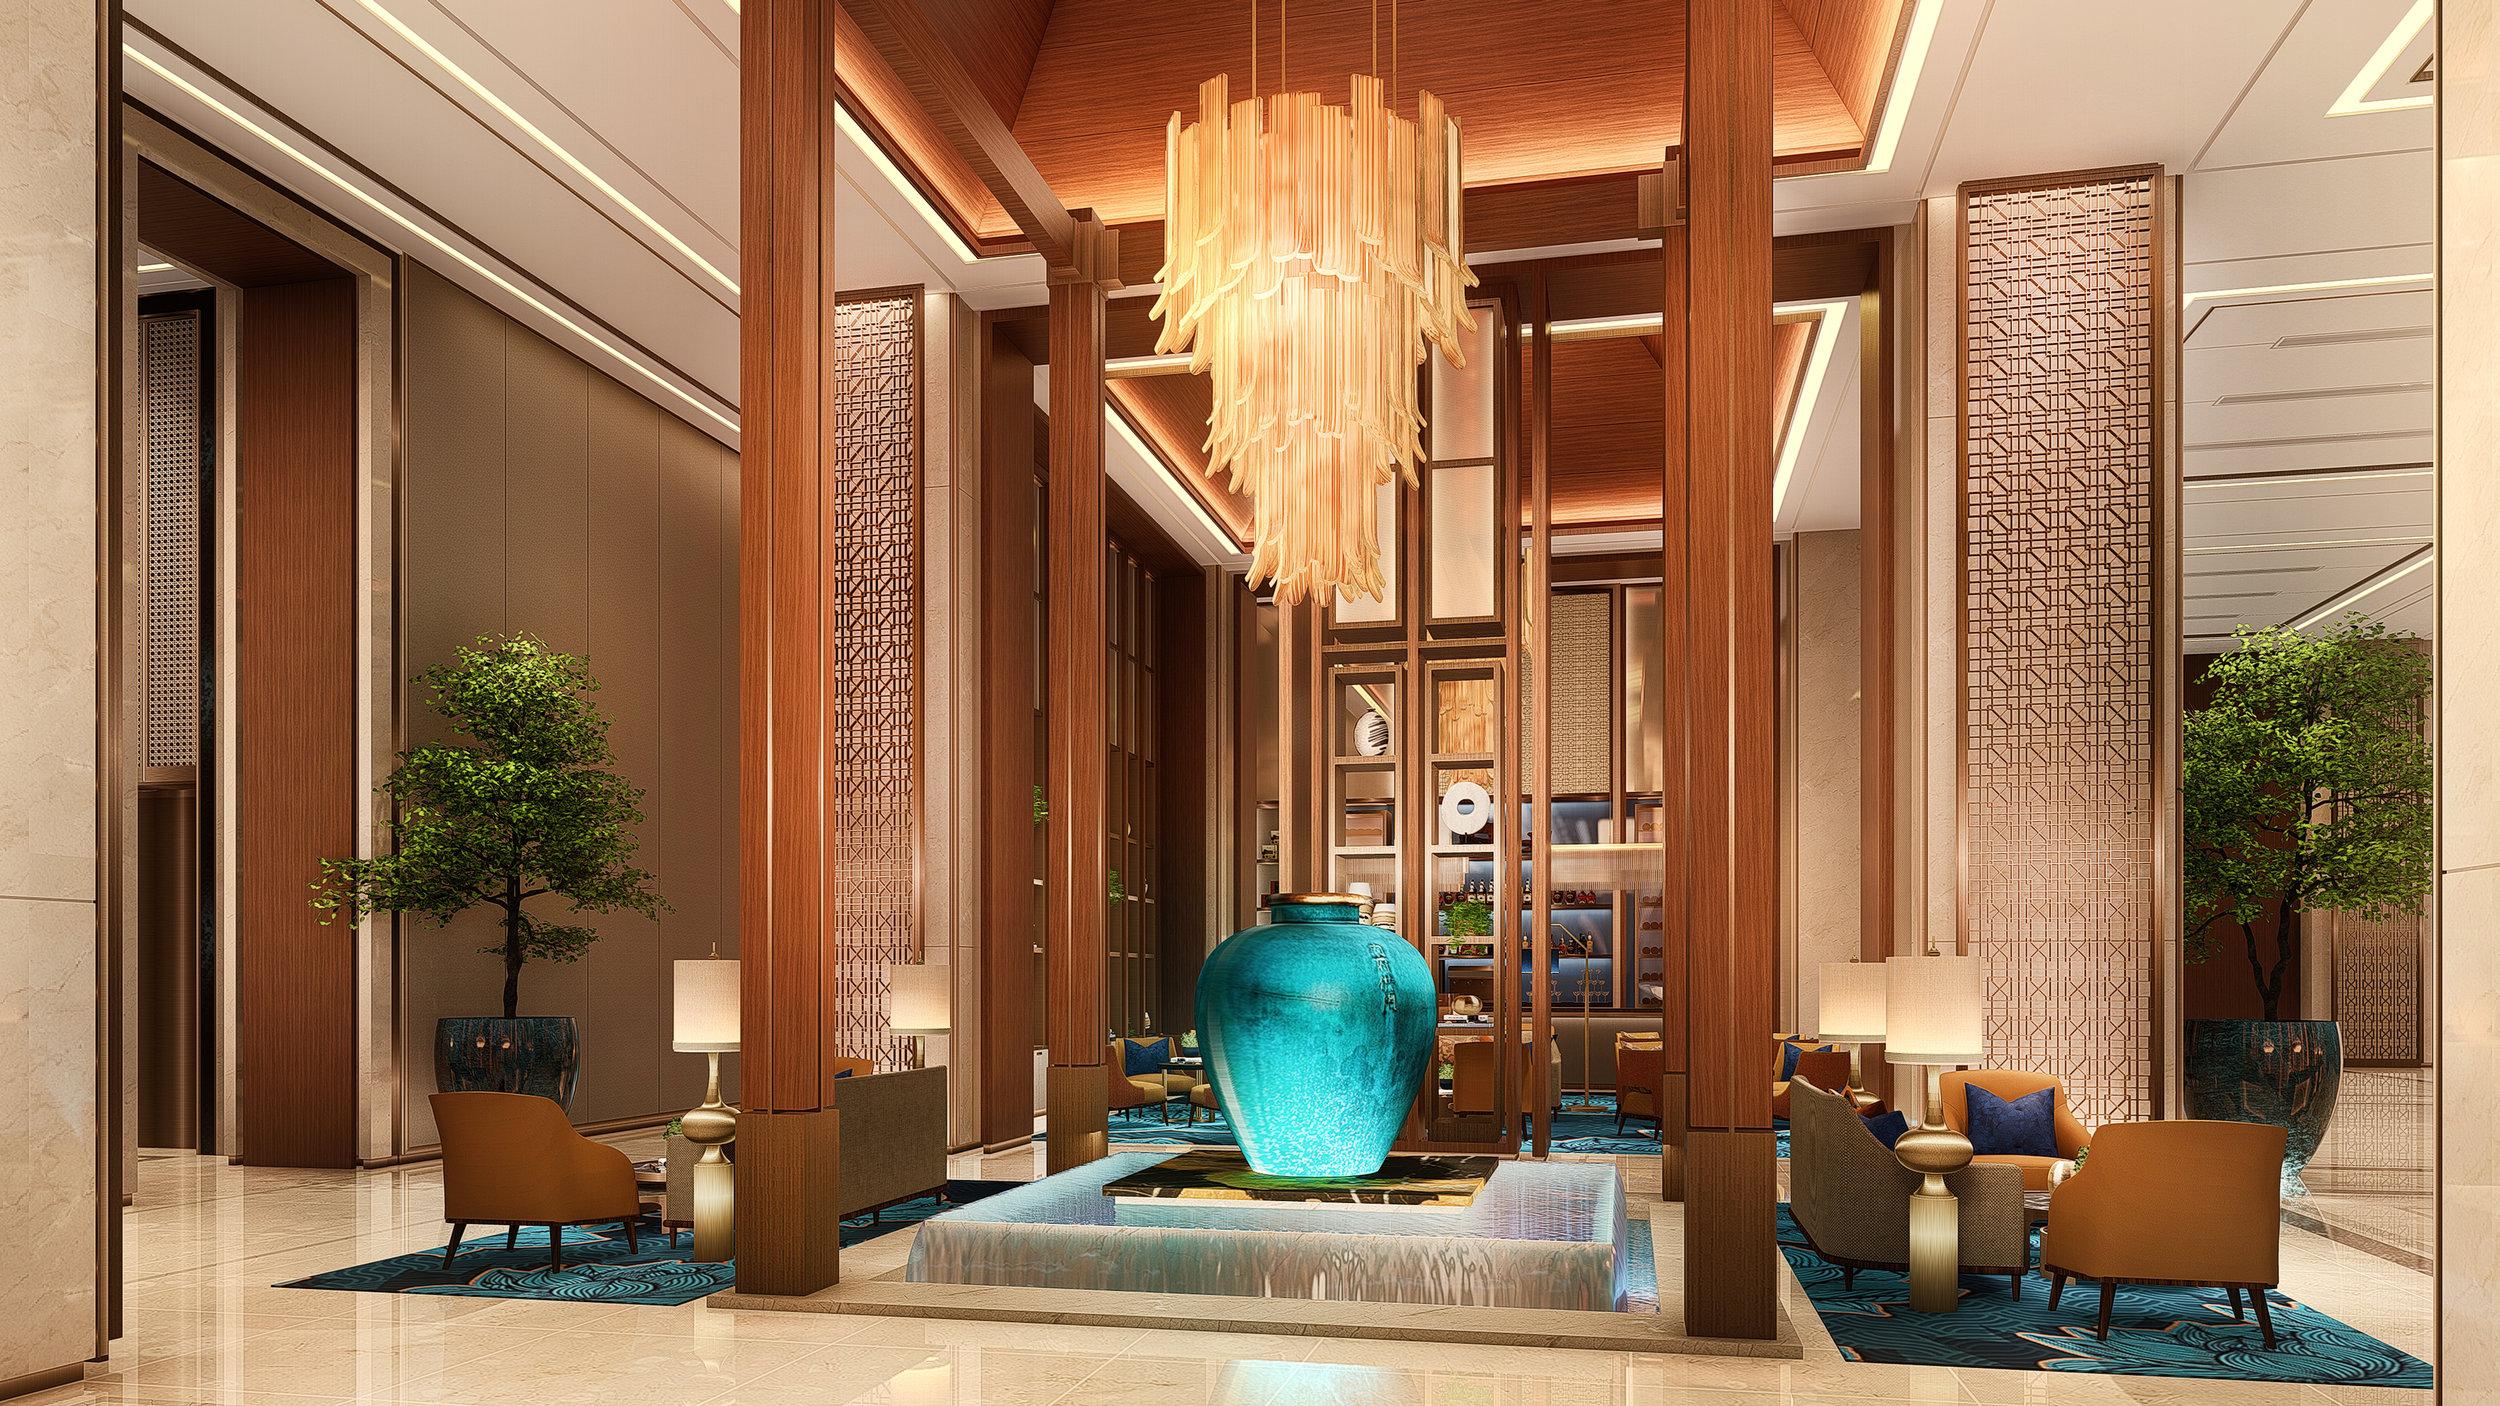 Interior Design Studio in Asia: Habitus Design Group interior design Interior Design Studio in Asia: Habitus Design Group HotelLobbyLounge01